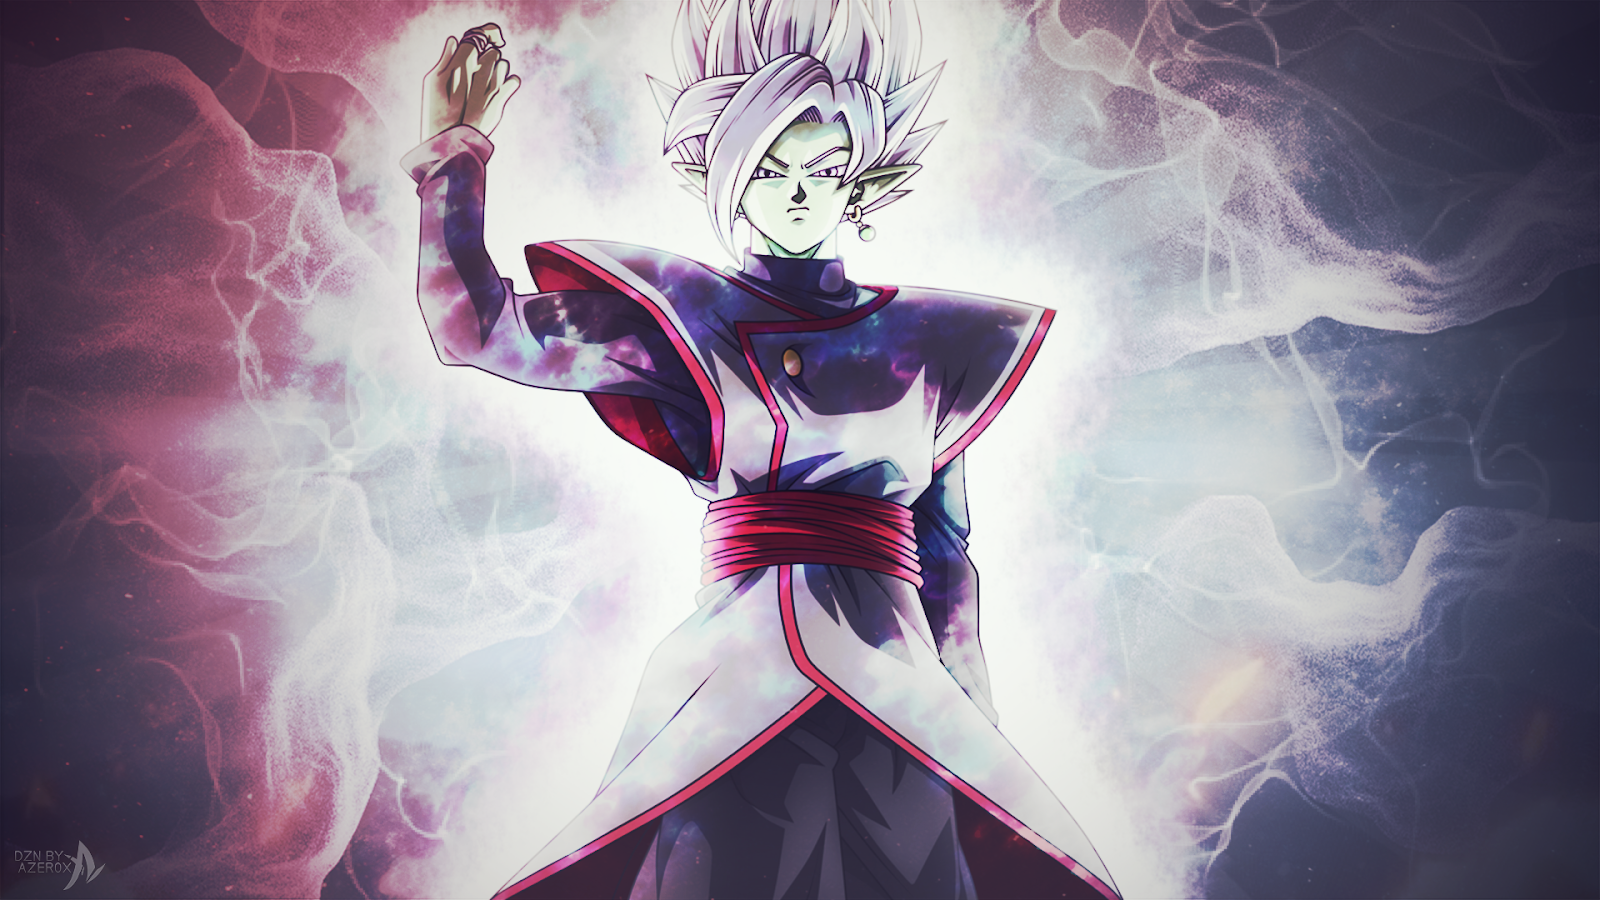 Zamasu fusionado será el próximo personaje para Dragon Ball FighterZ